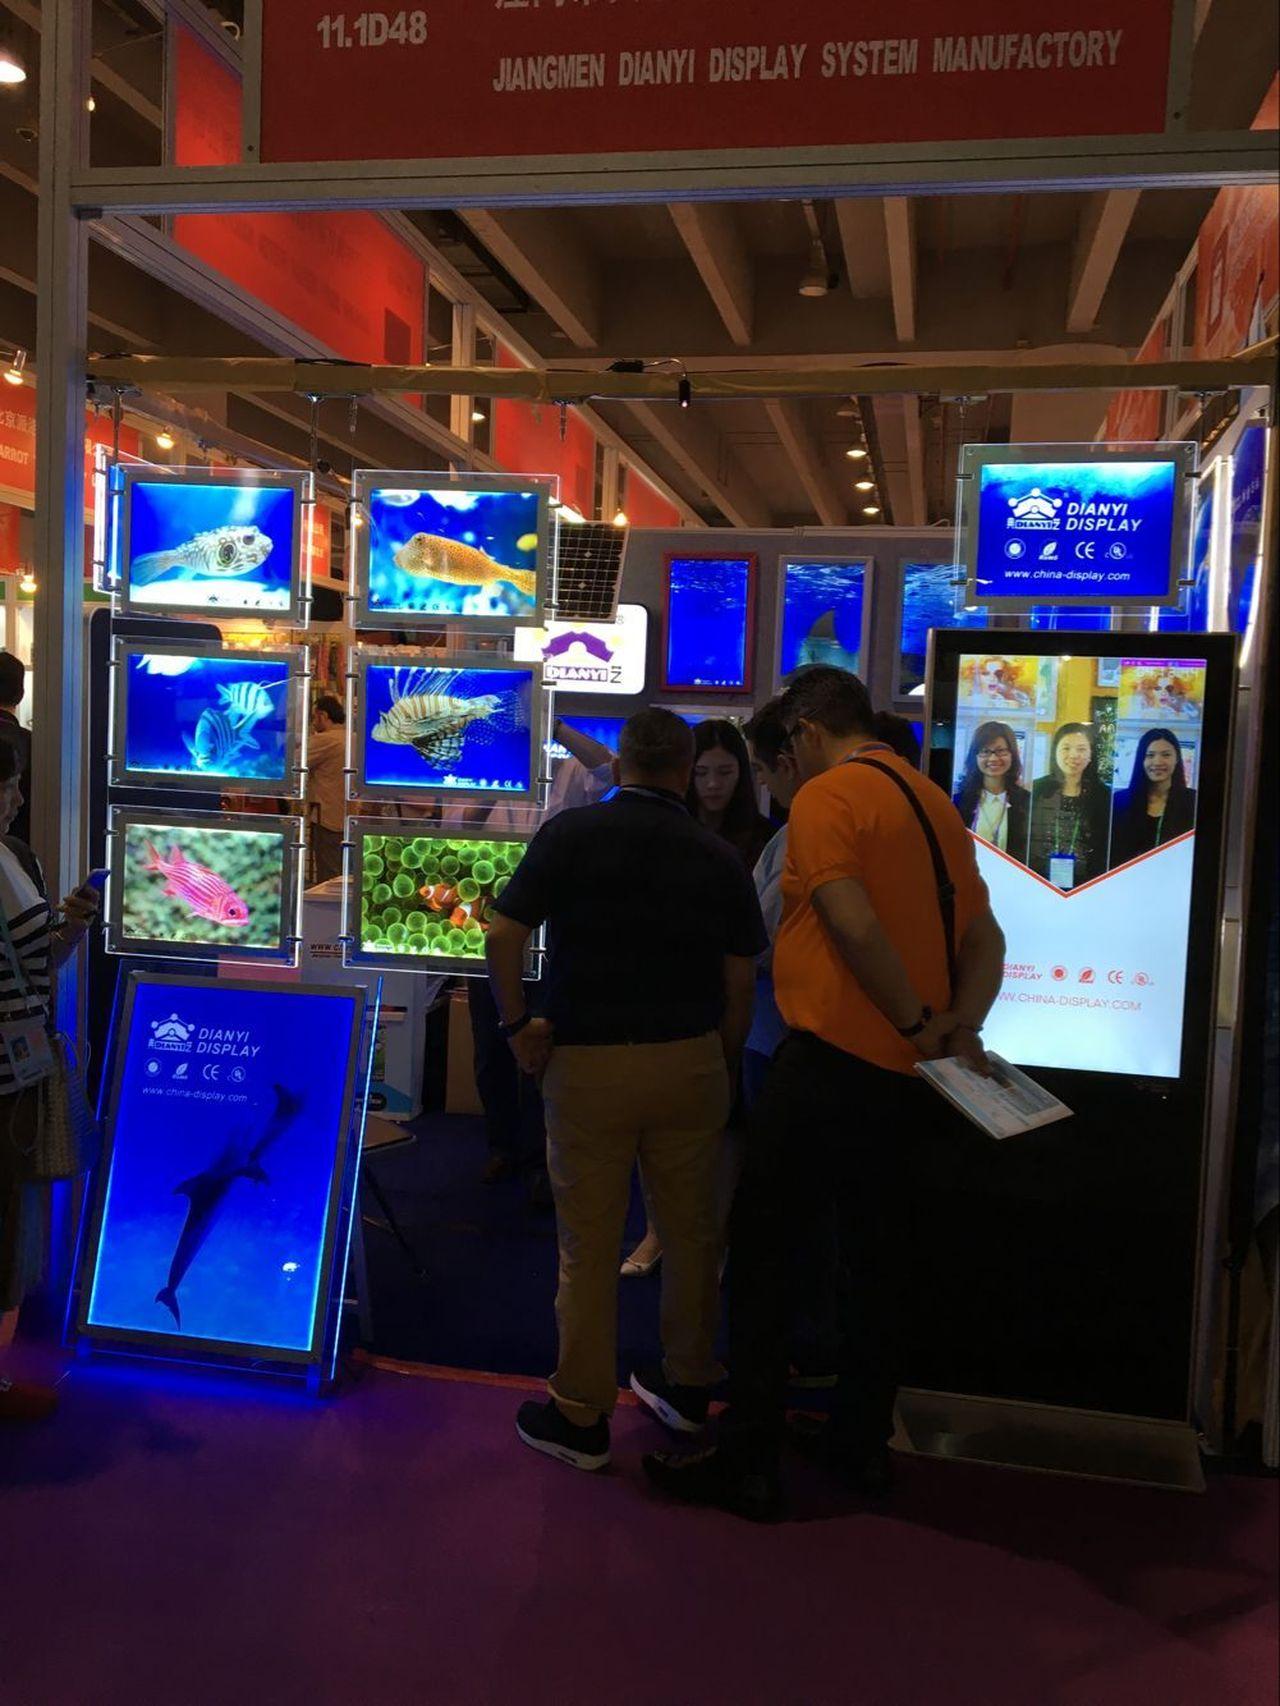 Dianyi Display The 119th Canton Fair